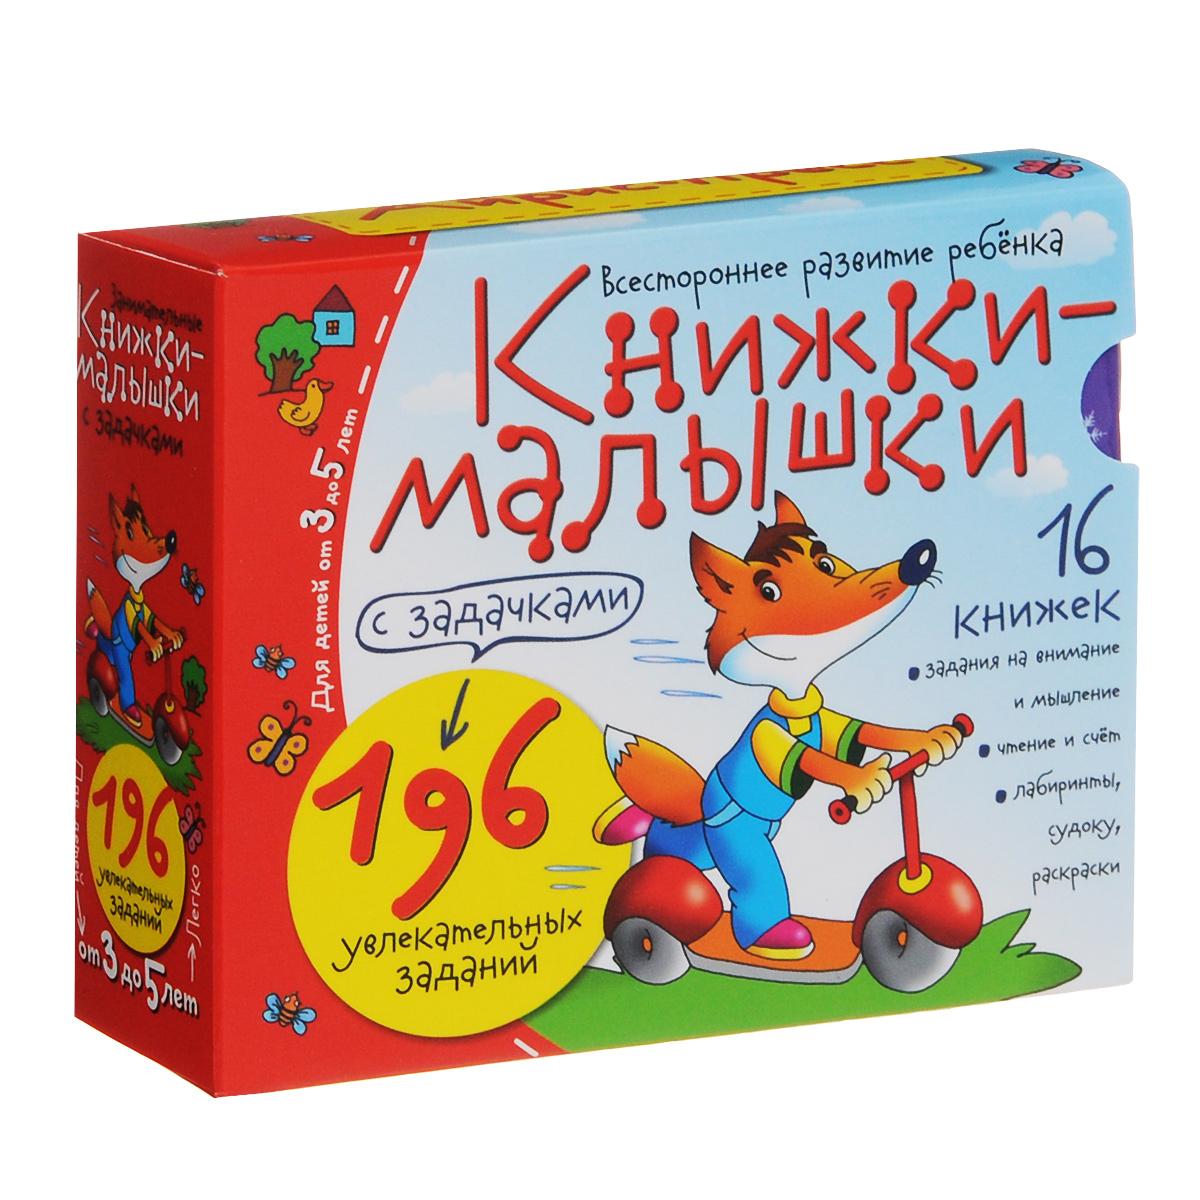 Книжки-малышки с задачками (комплект из 16 книжек) головоломки книжки малышки с задачками